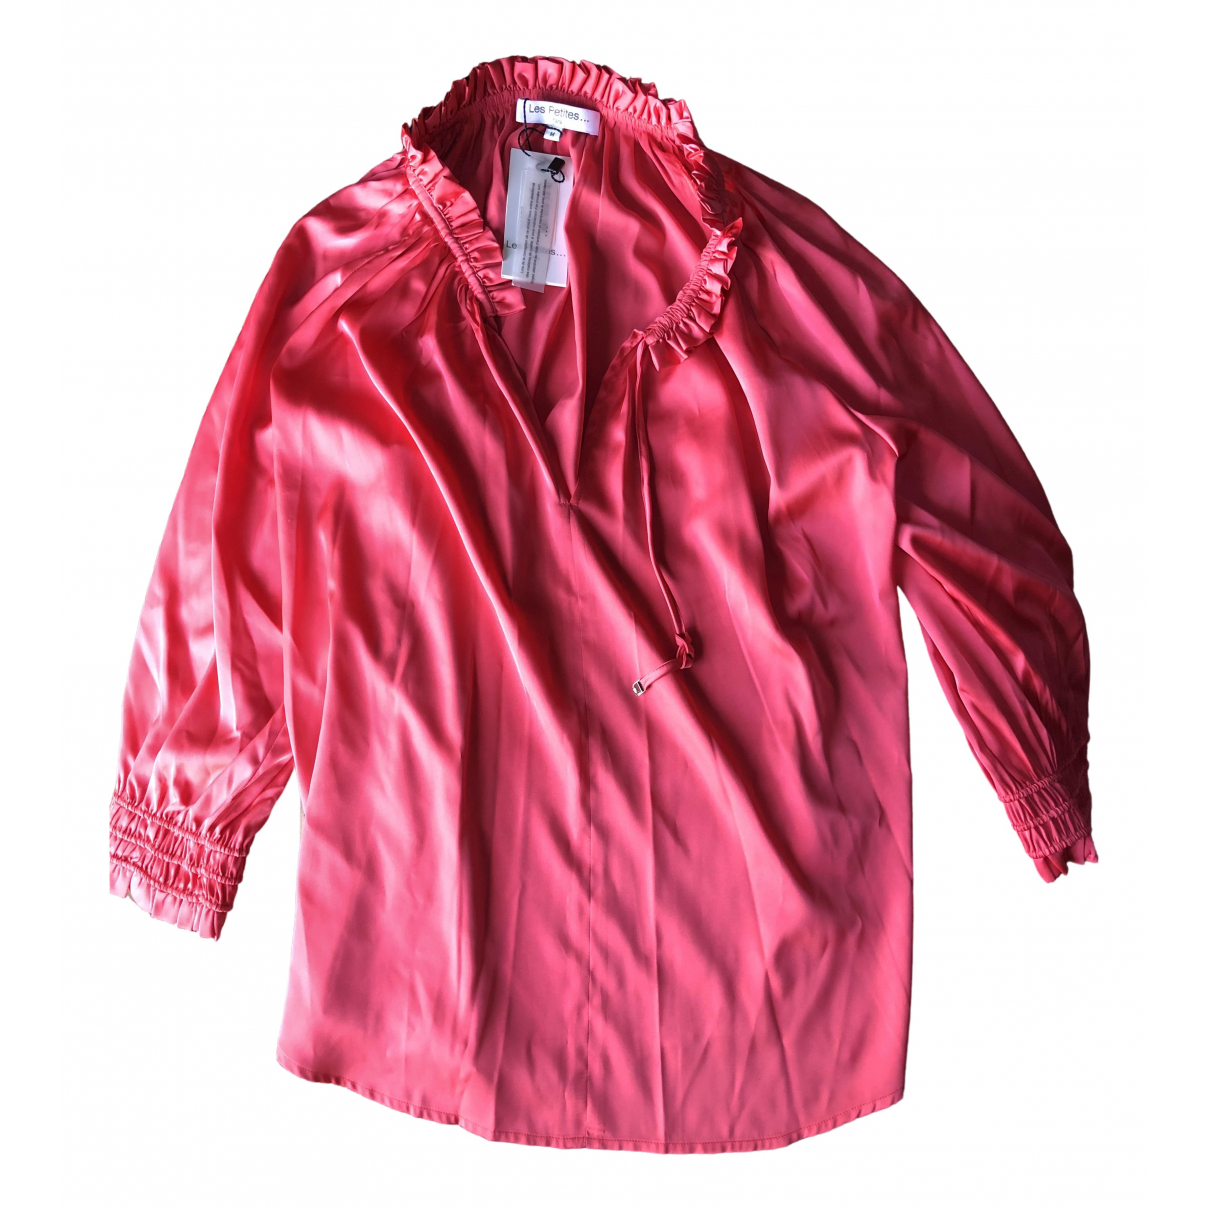 Les Petites - Top   pour femme en soie - rose